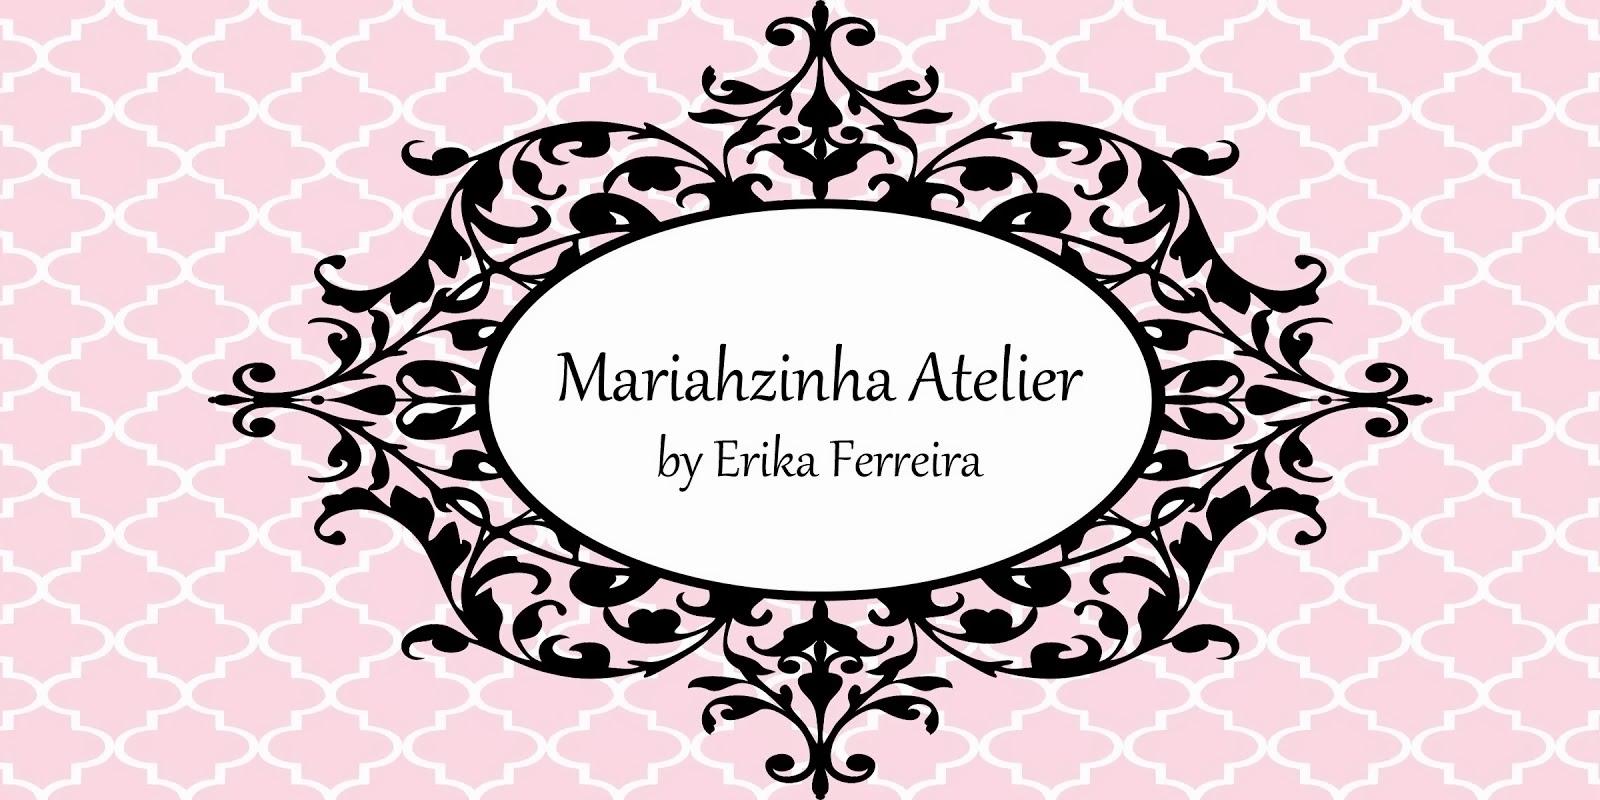 Mariahzinha & Cia - Convites e Lembranças Personalizadas